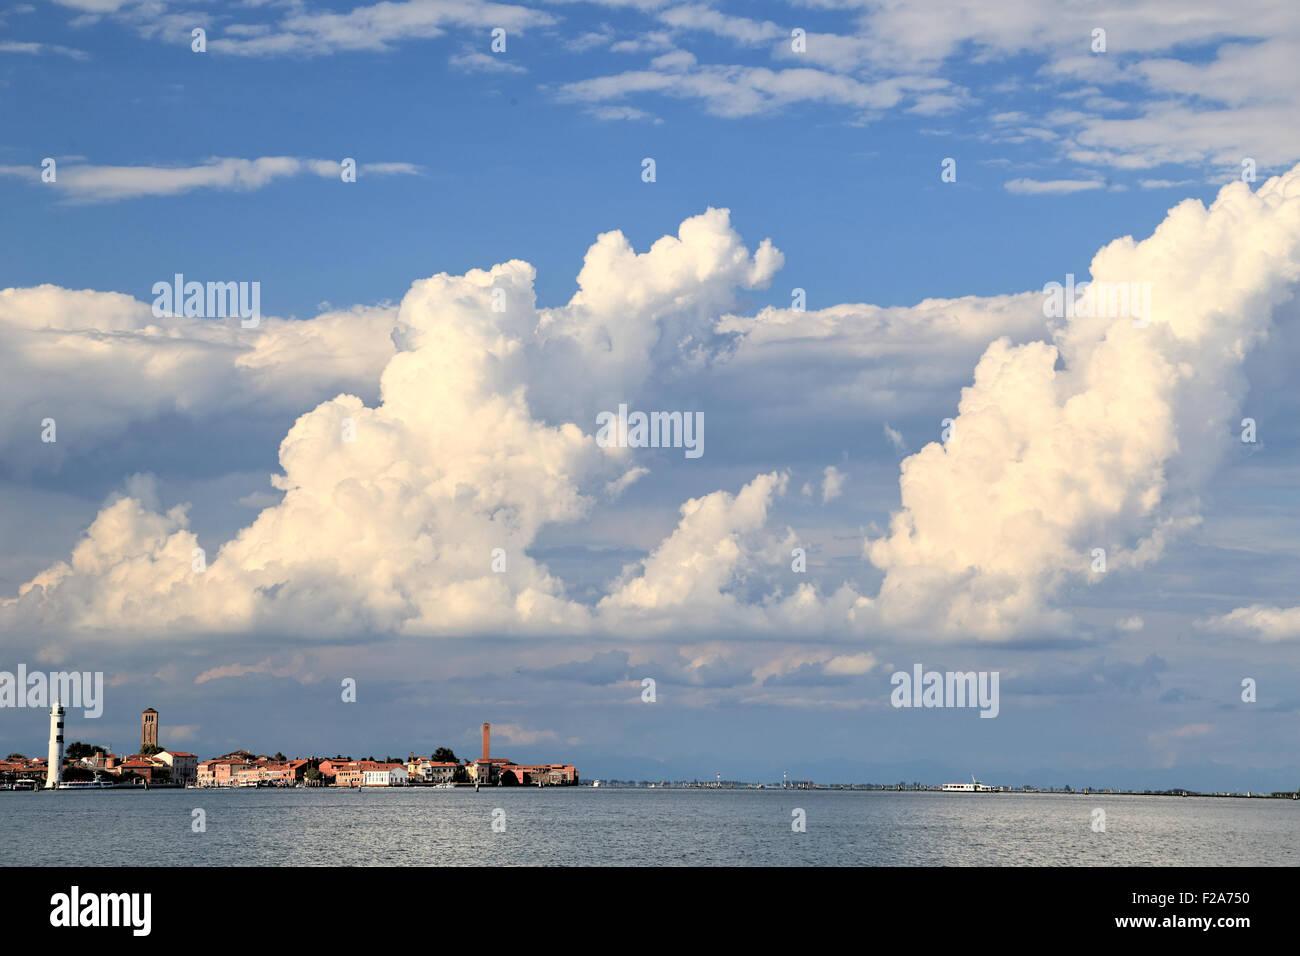 Cloud formation, Murano island (Isola di Murano), Venice - Stock Image